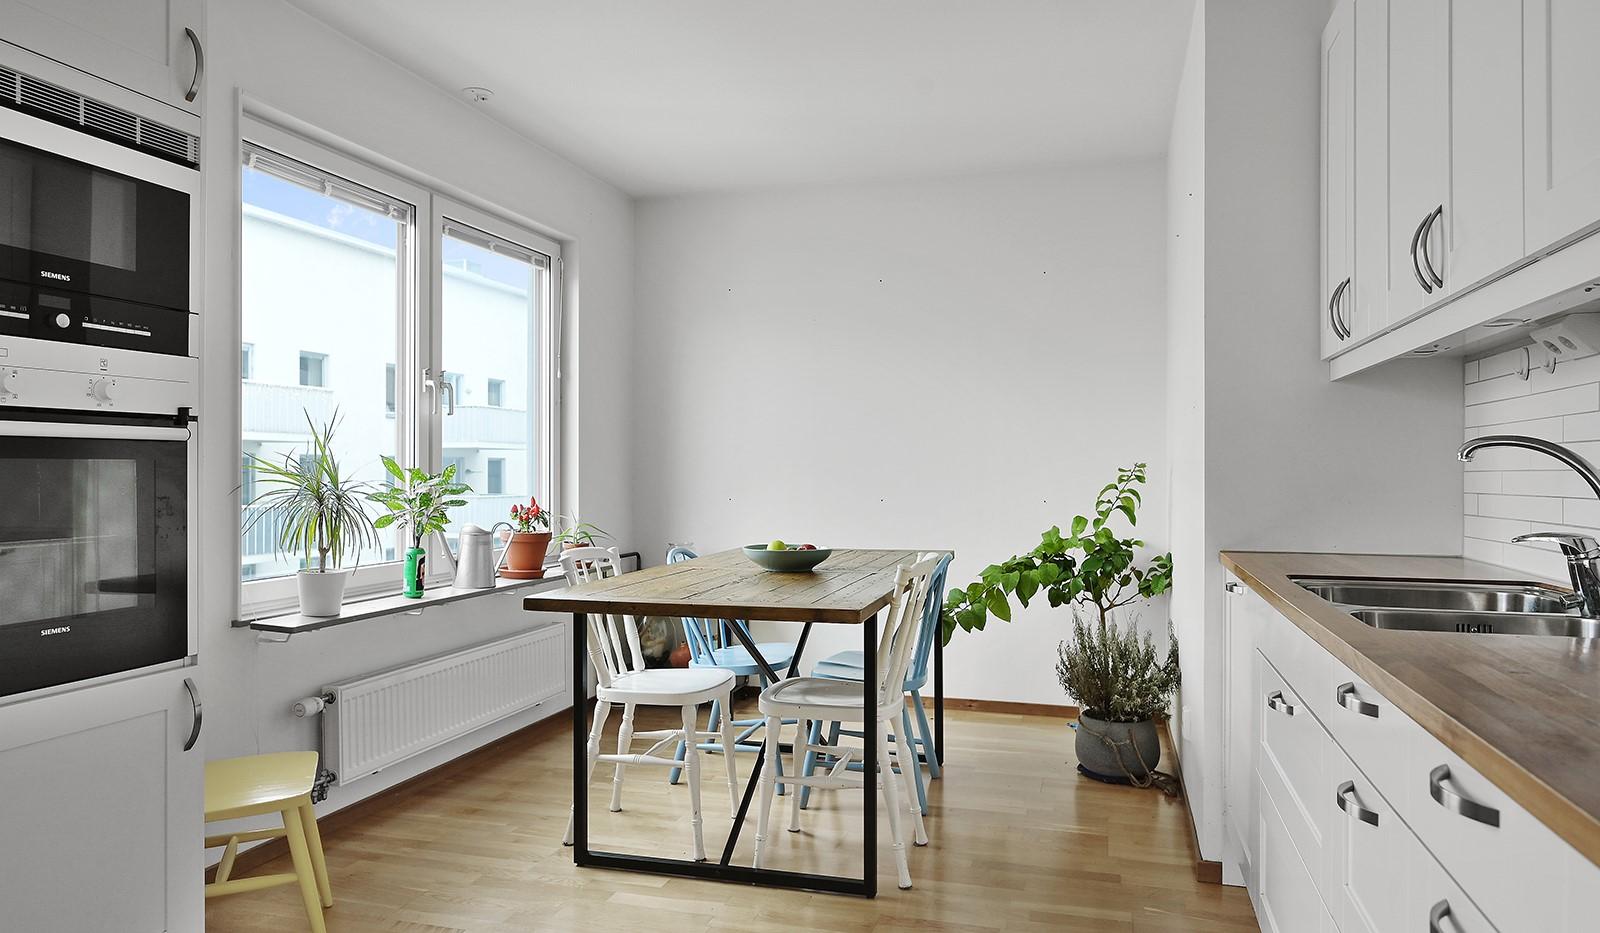 Marieviksgatan 38, 6 tr - Här ryms en ordentlig matplats framför stort fönsterparti